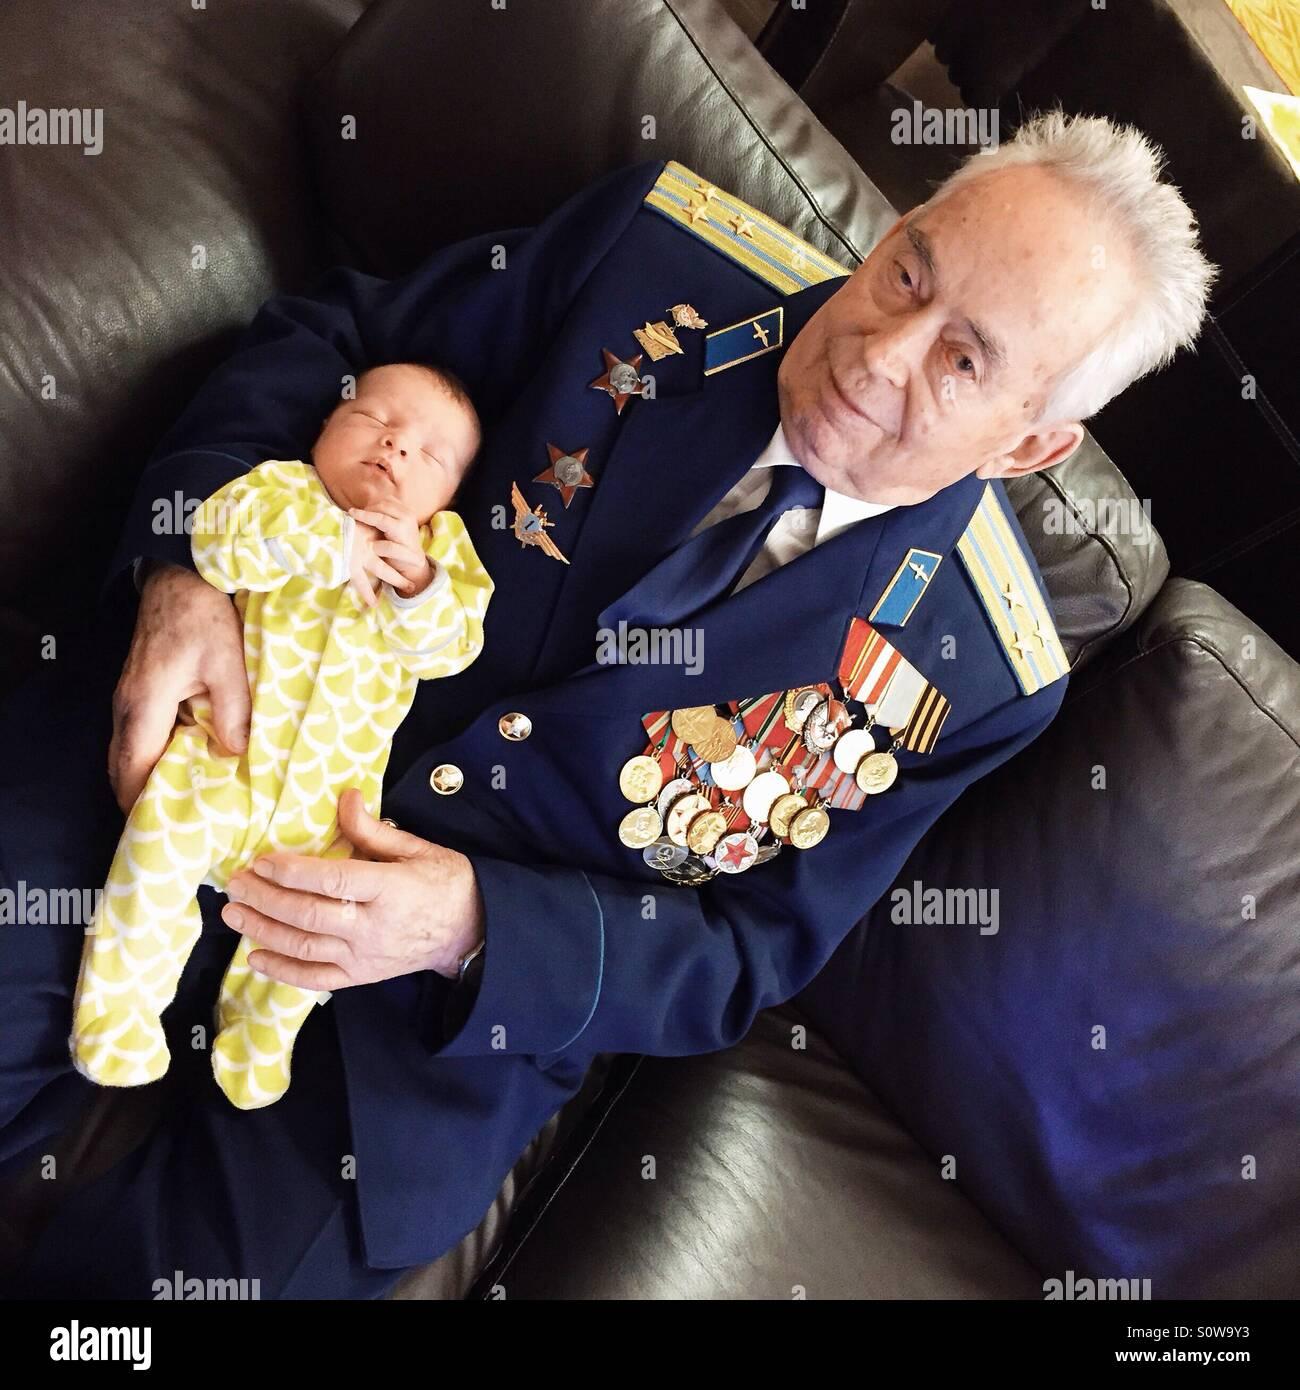 Abuelo sosteniendo un bebé Imagen De Stock